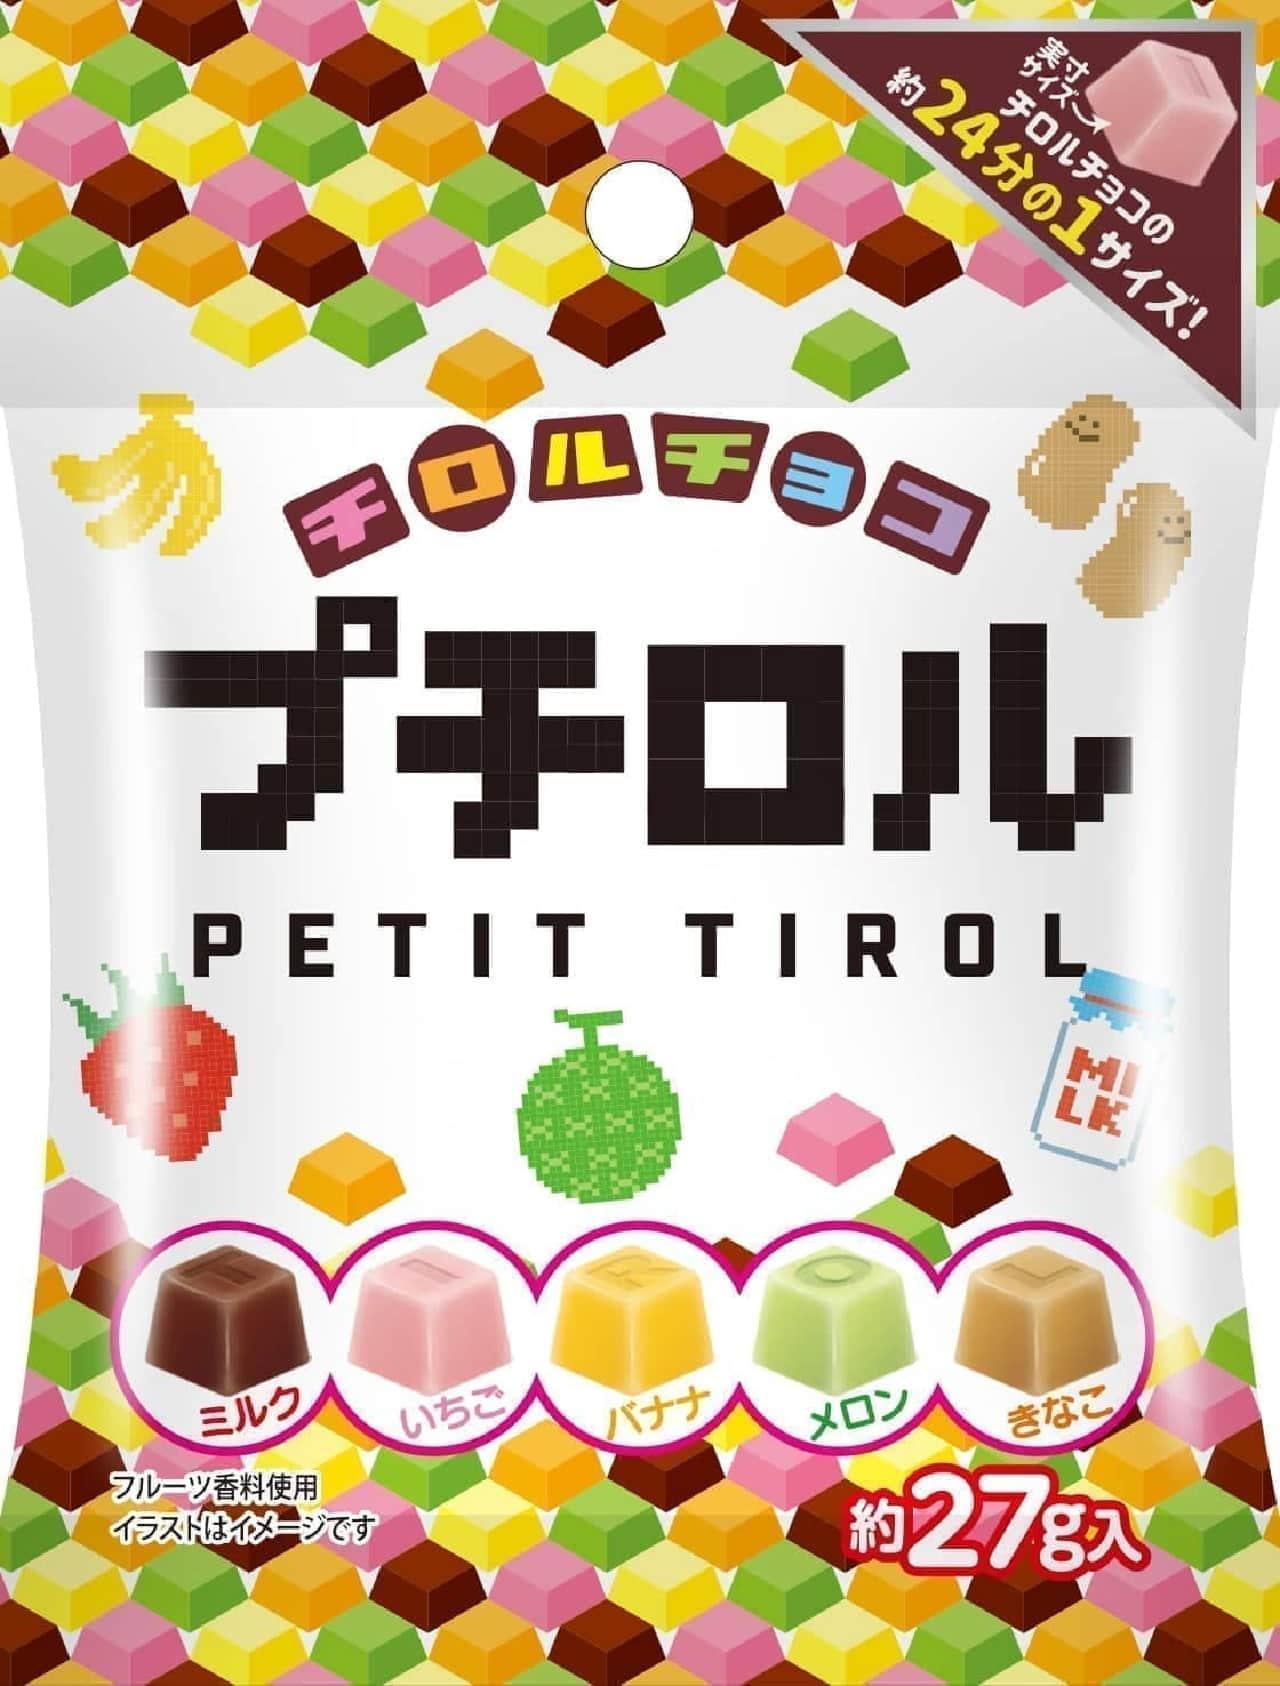 チロルチョコの新商品「プチロル」